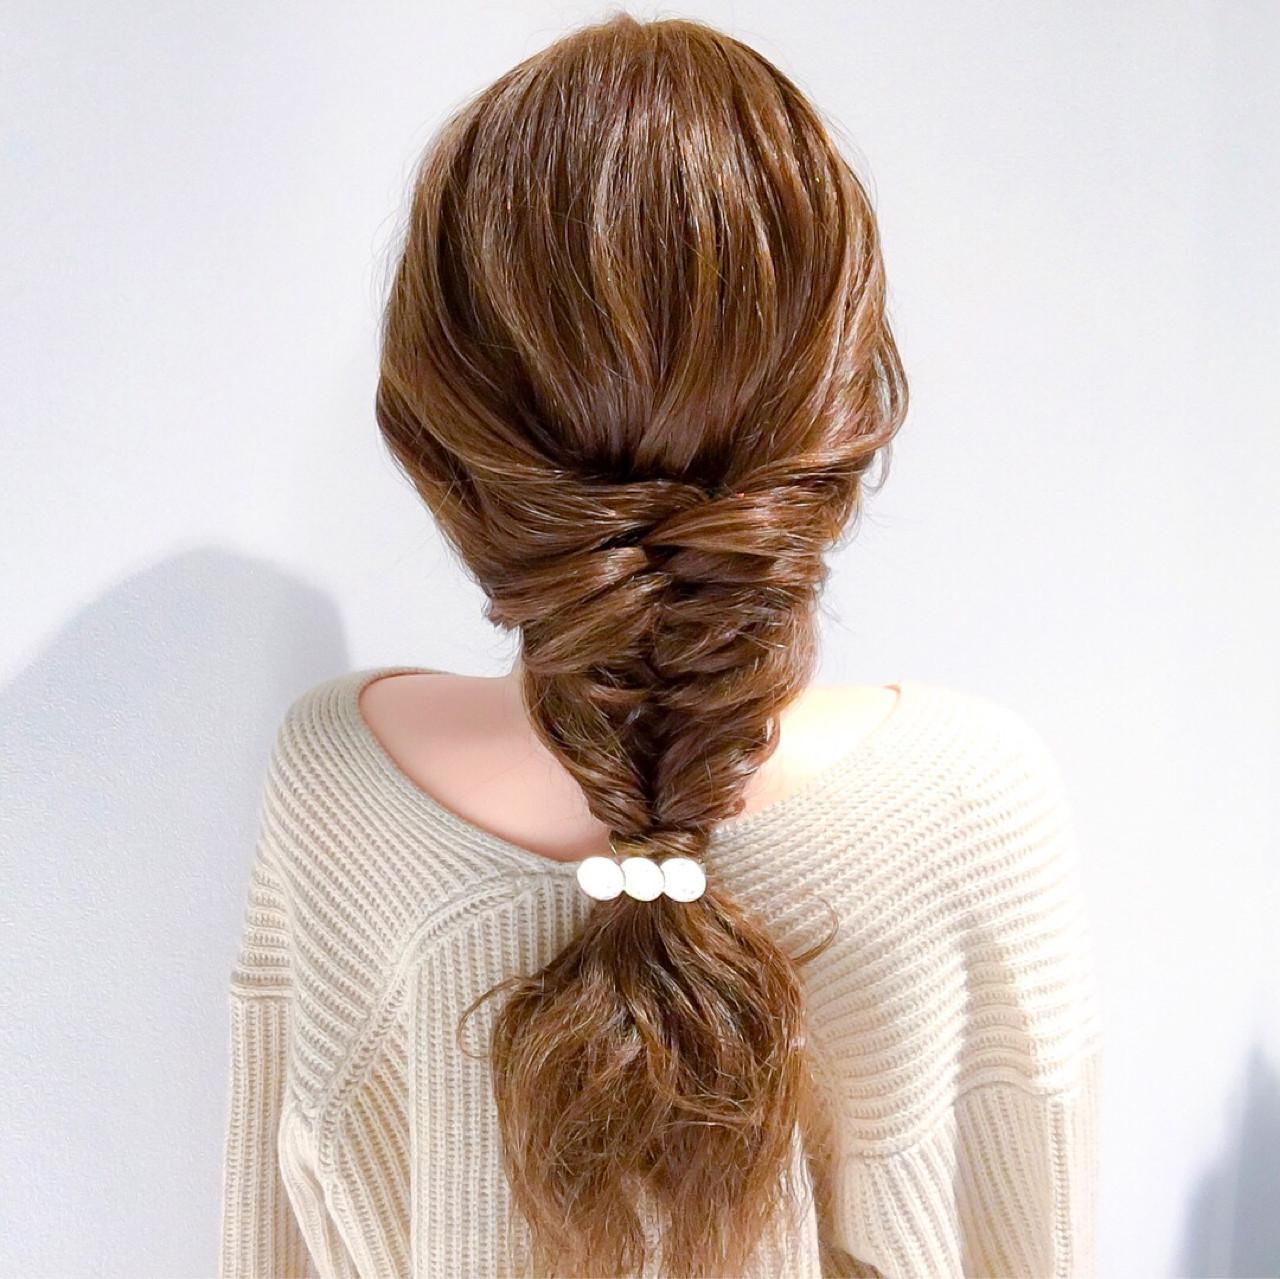 ロング 結婚式 簡単ヘアアレンジ フェミニン ヘアスタイルや髪型の写真・画像